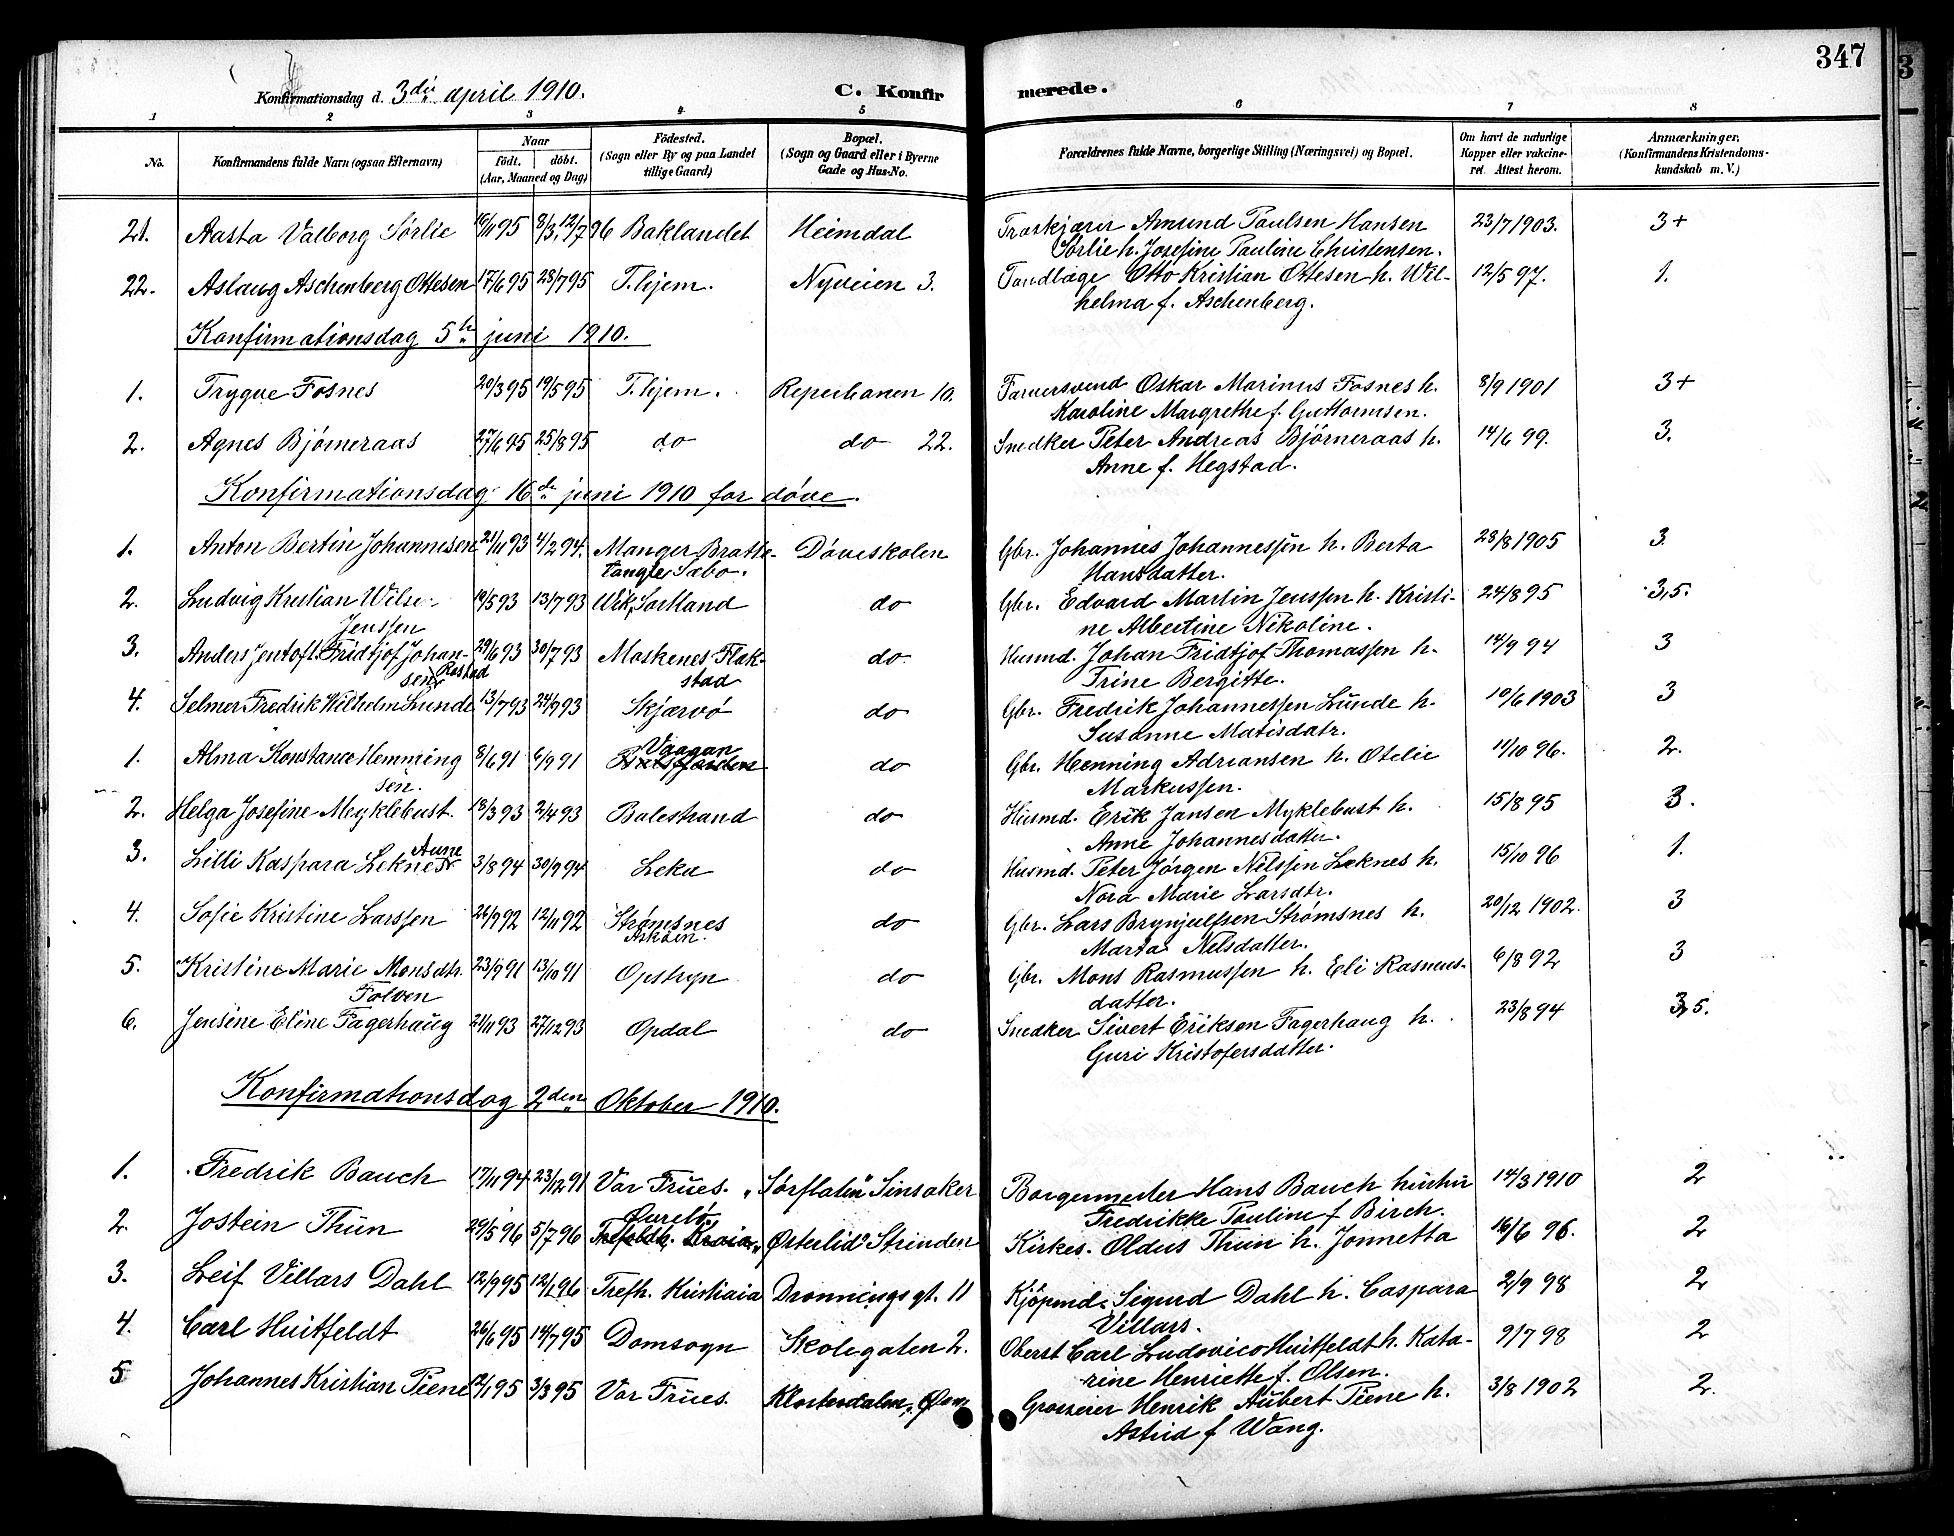 SAT, Ministerialprotokoller, klokkerbøker og fødselsregistre - Sør-Trøndelag, 601/L0094: Klokkerbok nr. 601C12, 1898-1911, s. 347